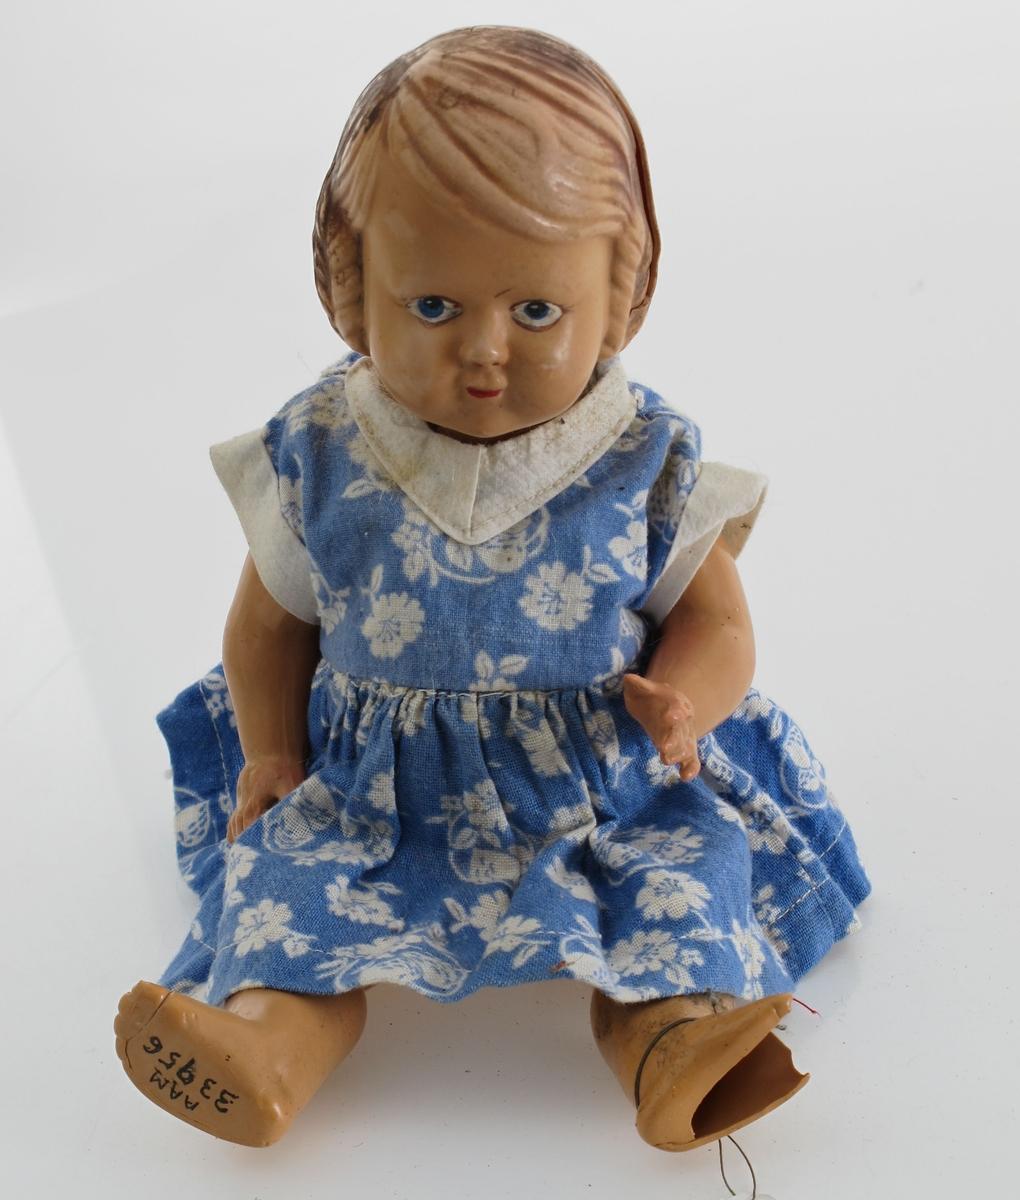 Dukke av støpte plastdeler. Hode og kropp i ett, mens armer og ben er støpt for seg og montert med strikk. Hjemmesydde klær: (?)  Blå blomstret kjole. Undertøy.